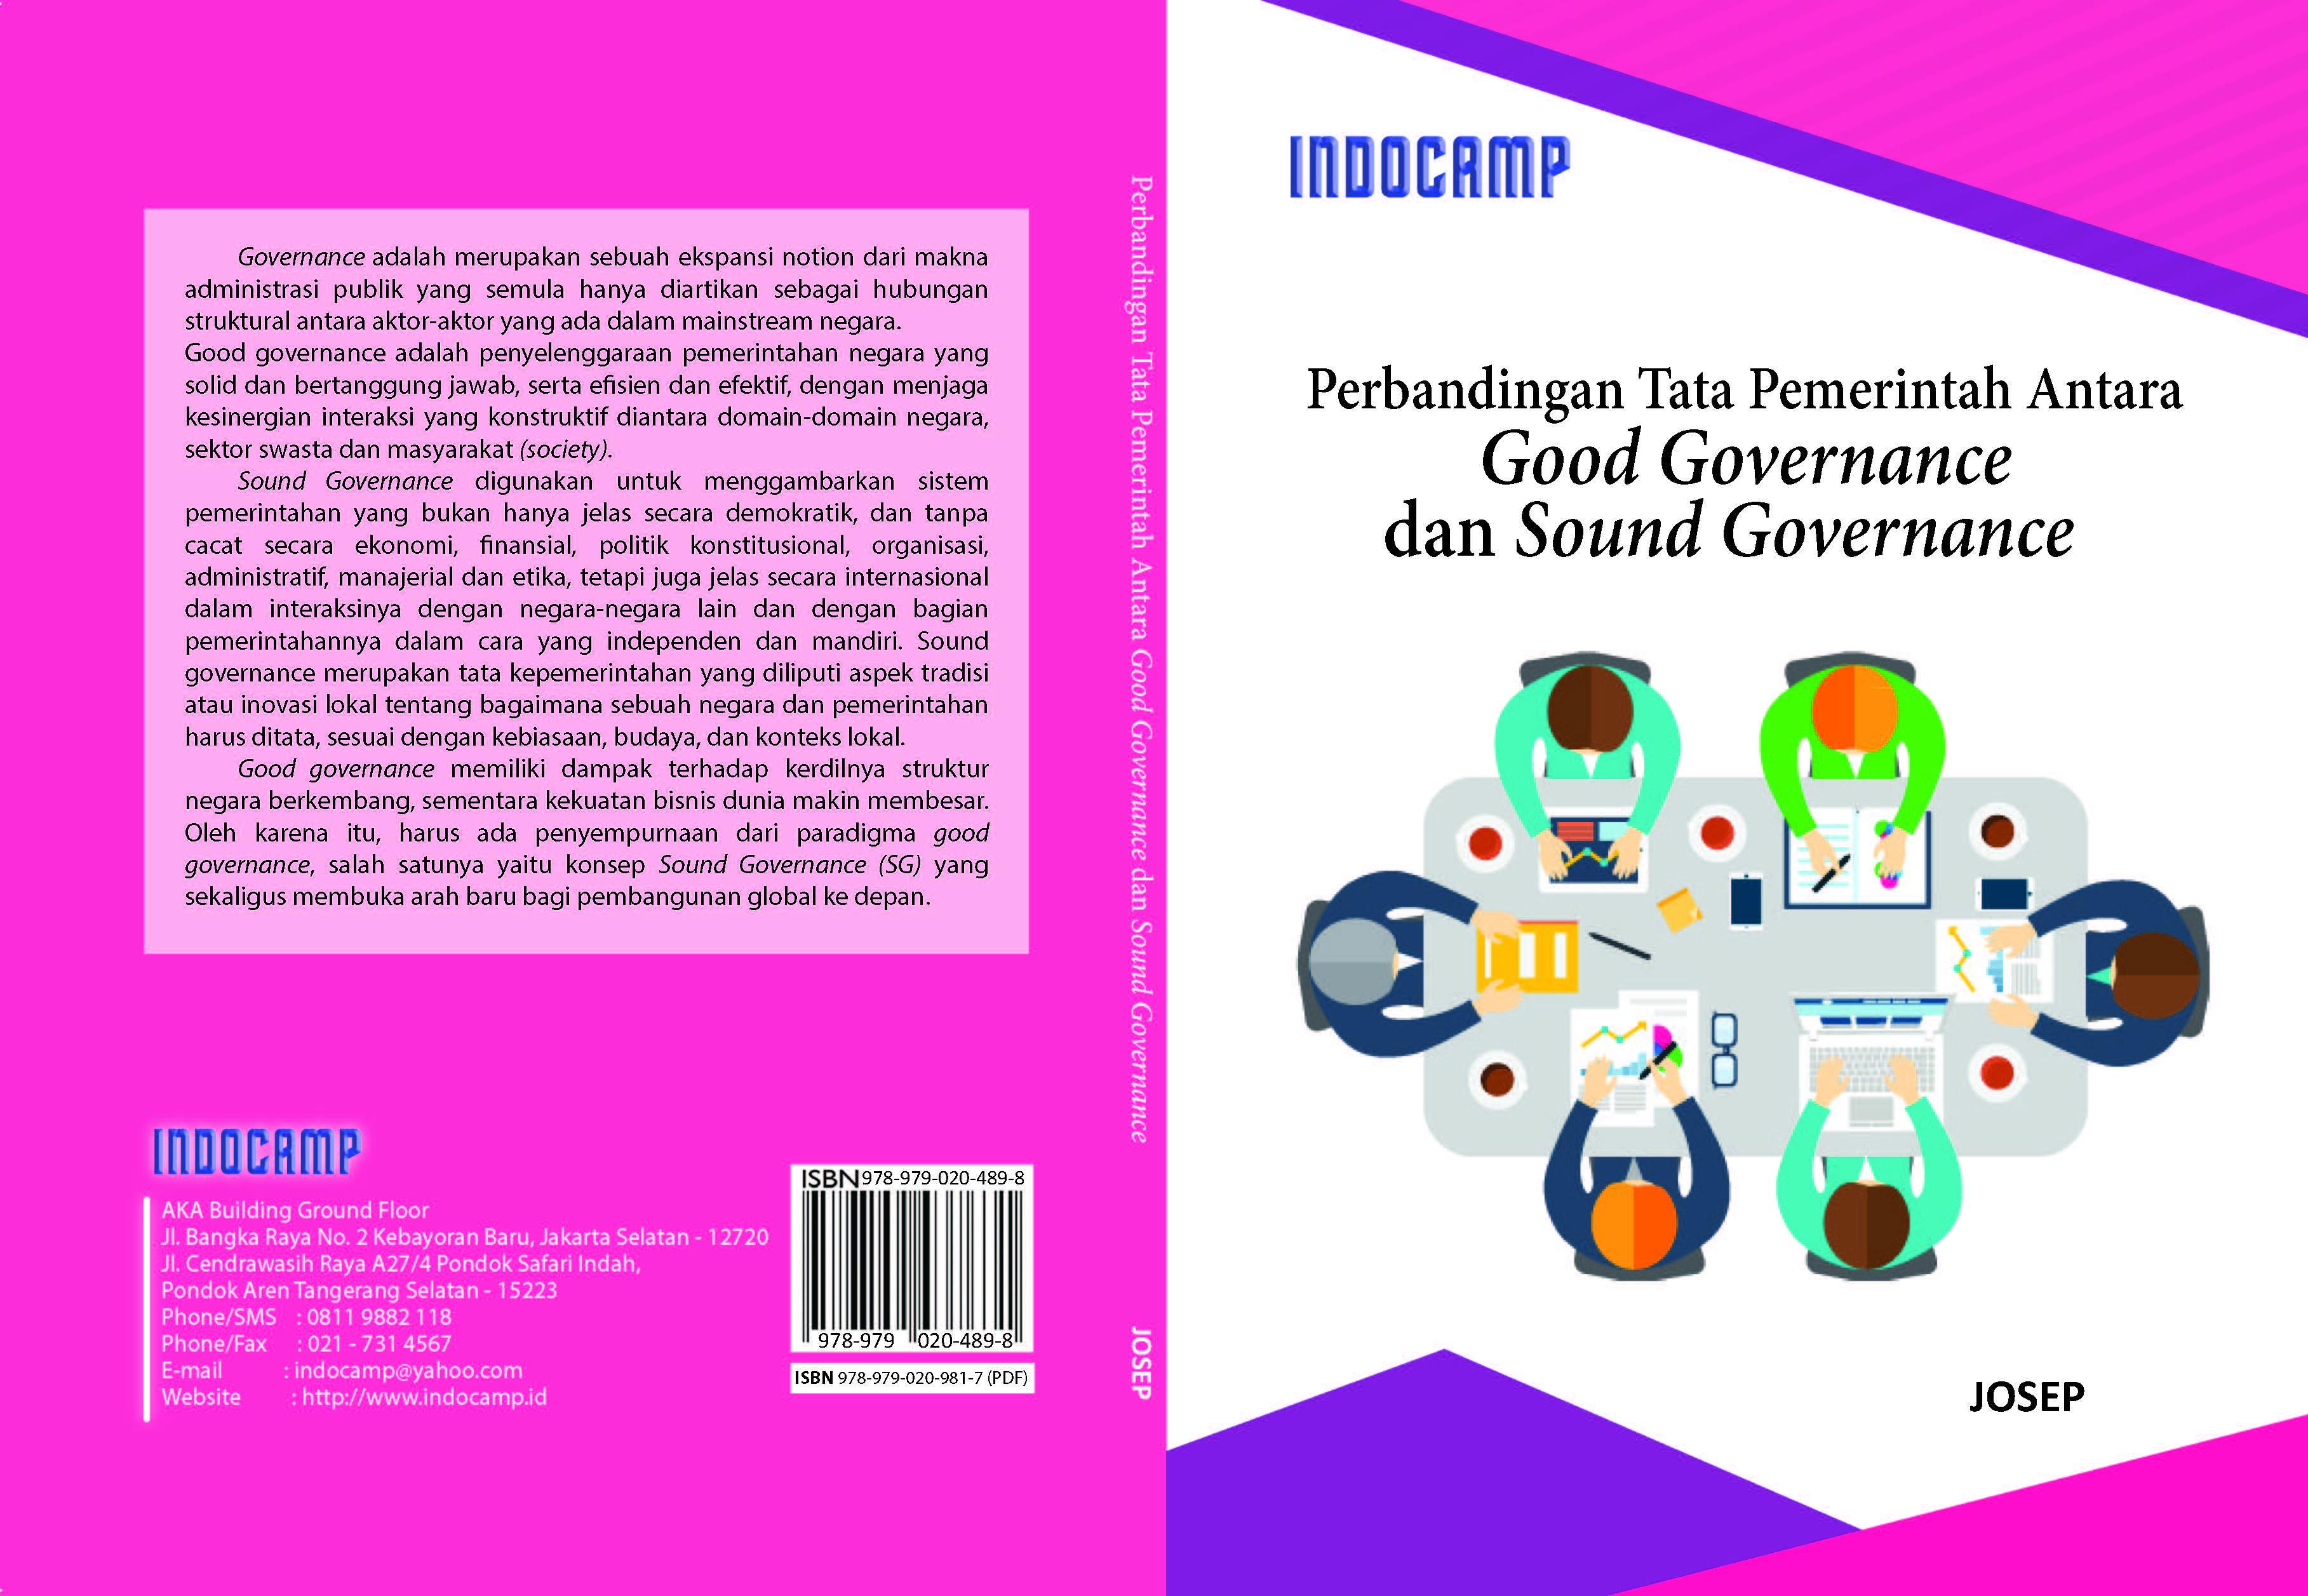 Perbandingan tata pemerintah antara good governance dan sound governance [sumber elektronis]